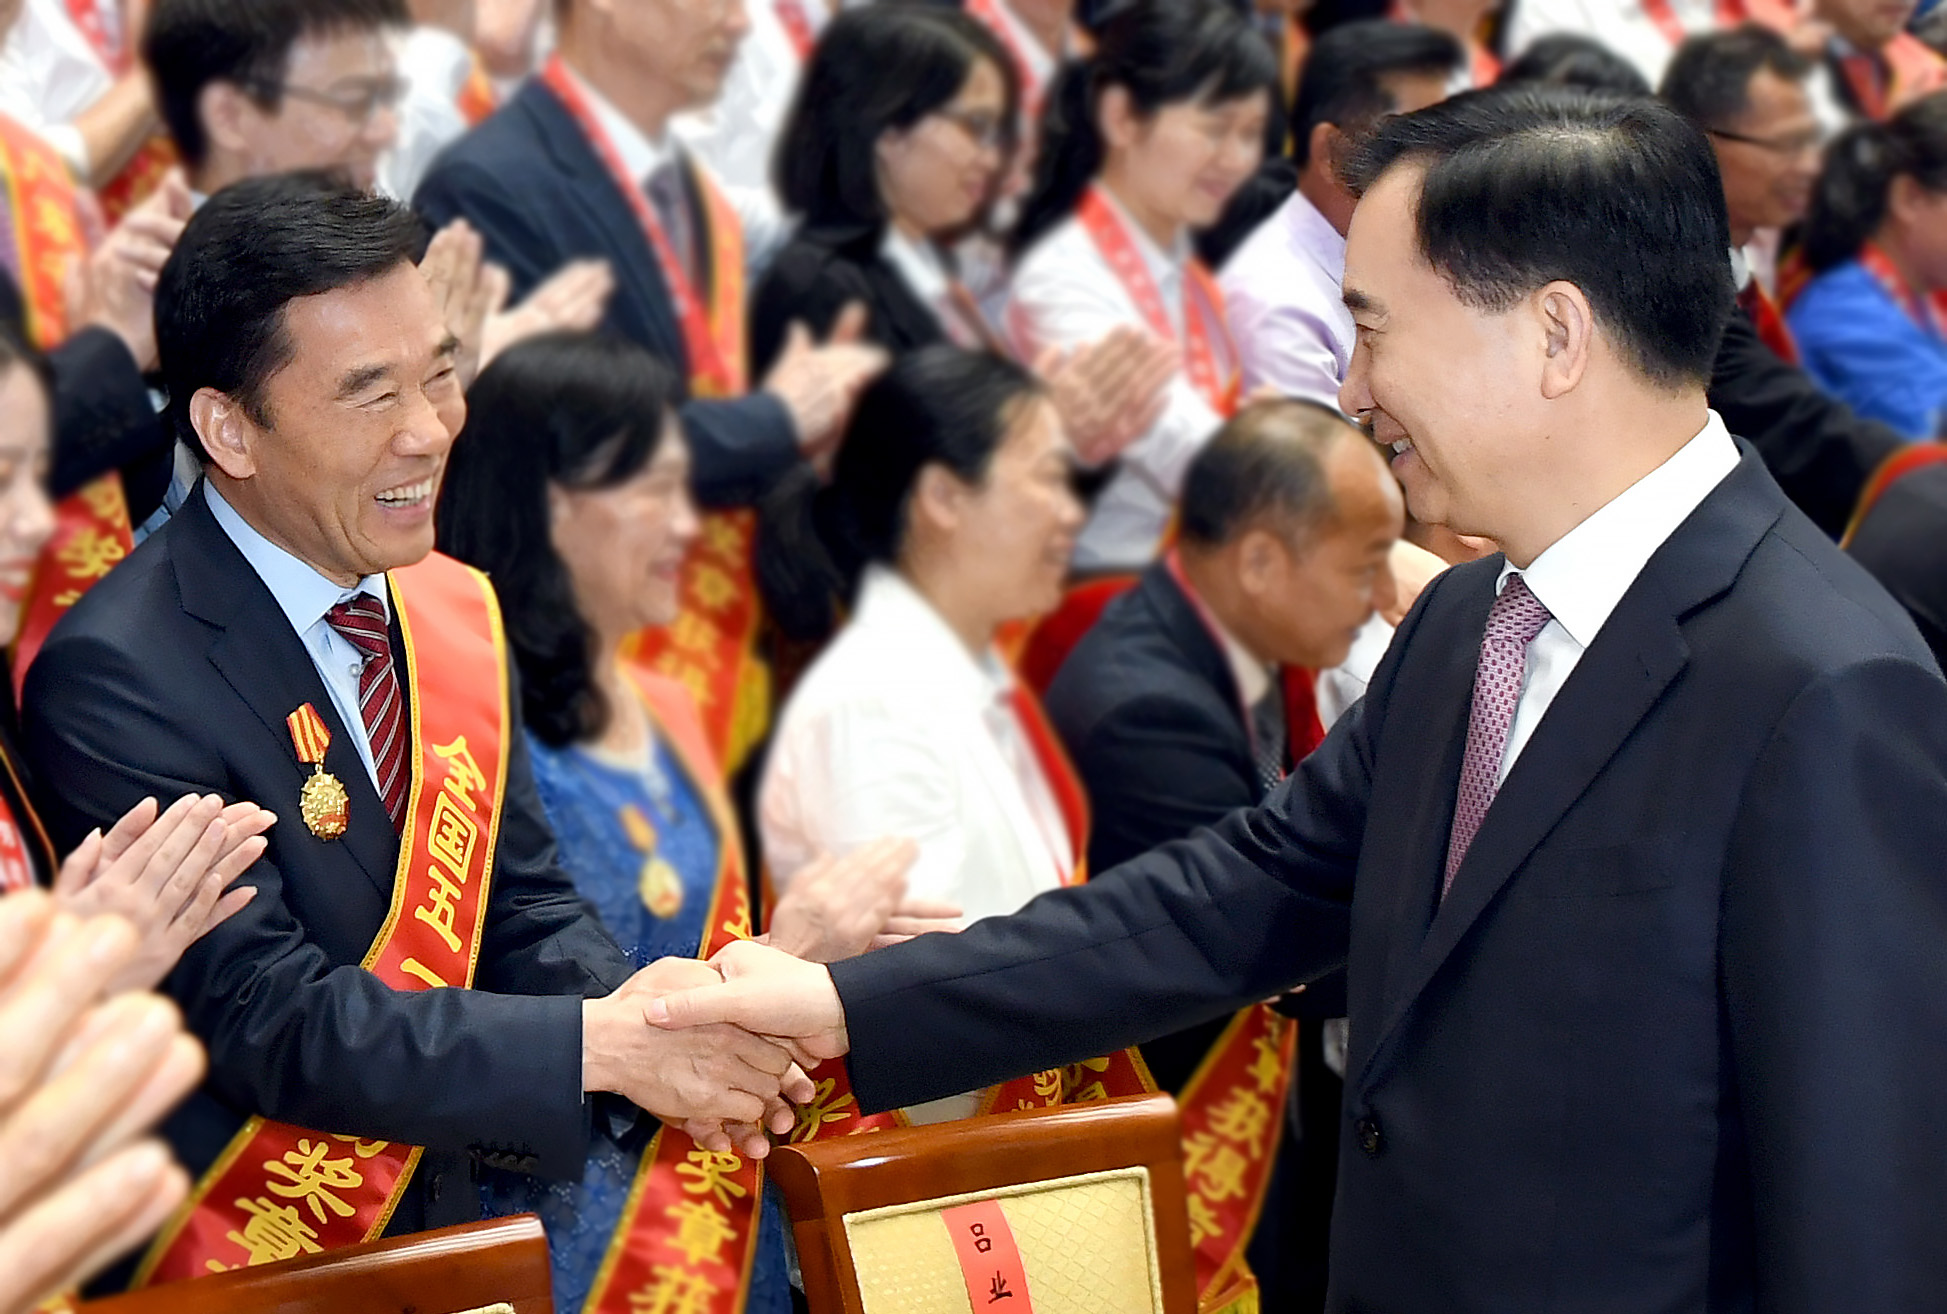 张传卫董事长荣获全国五一劳动奖章